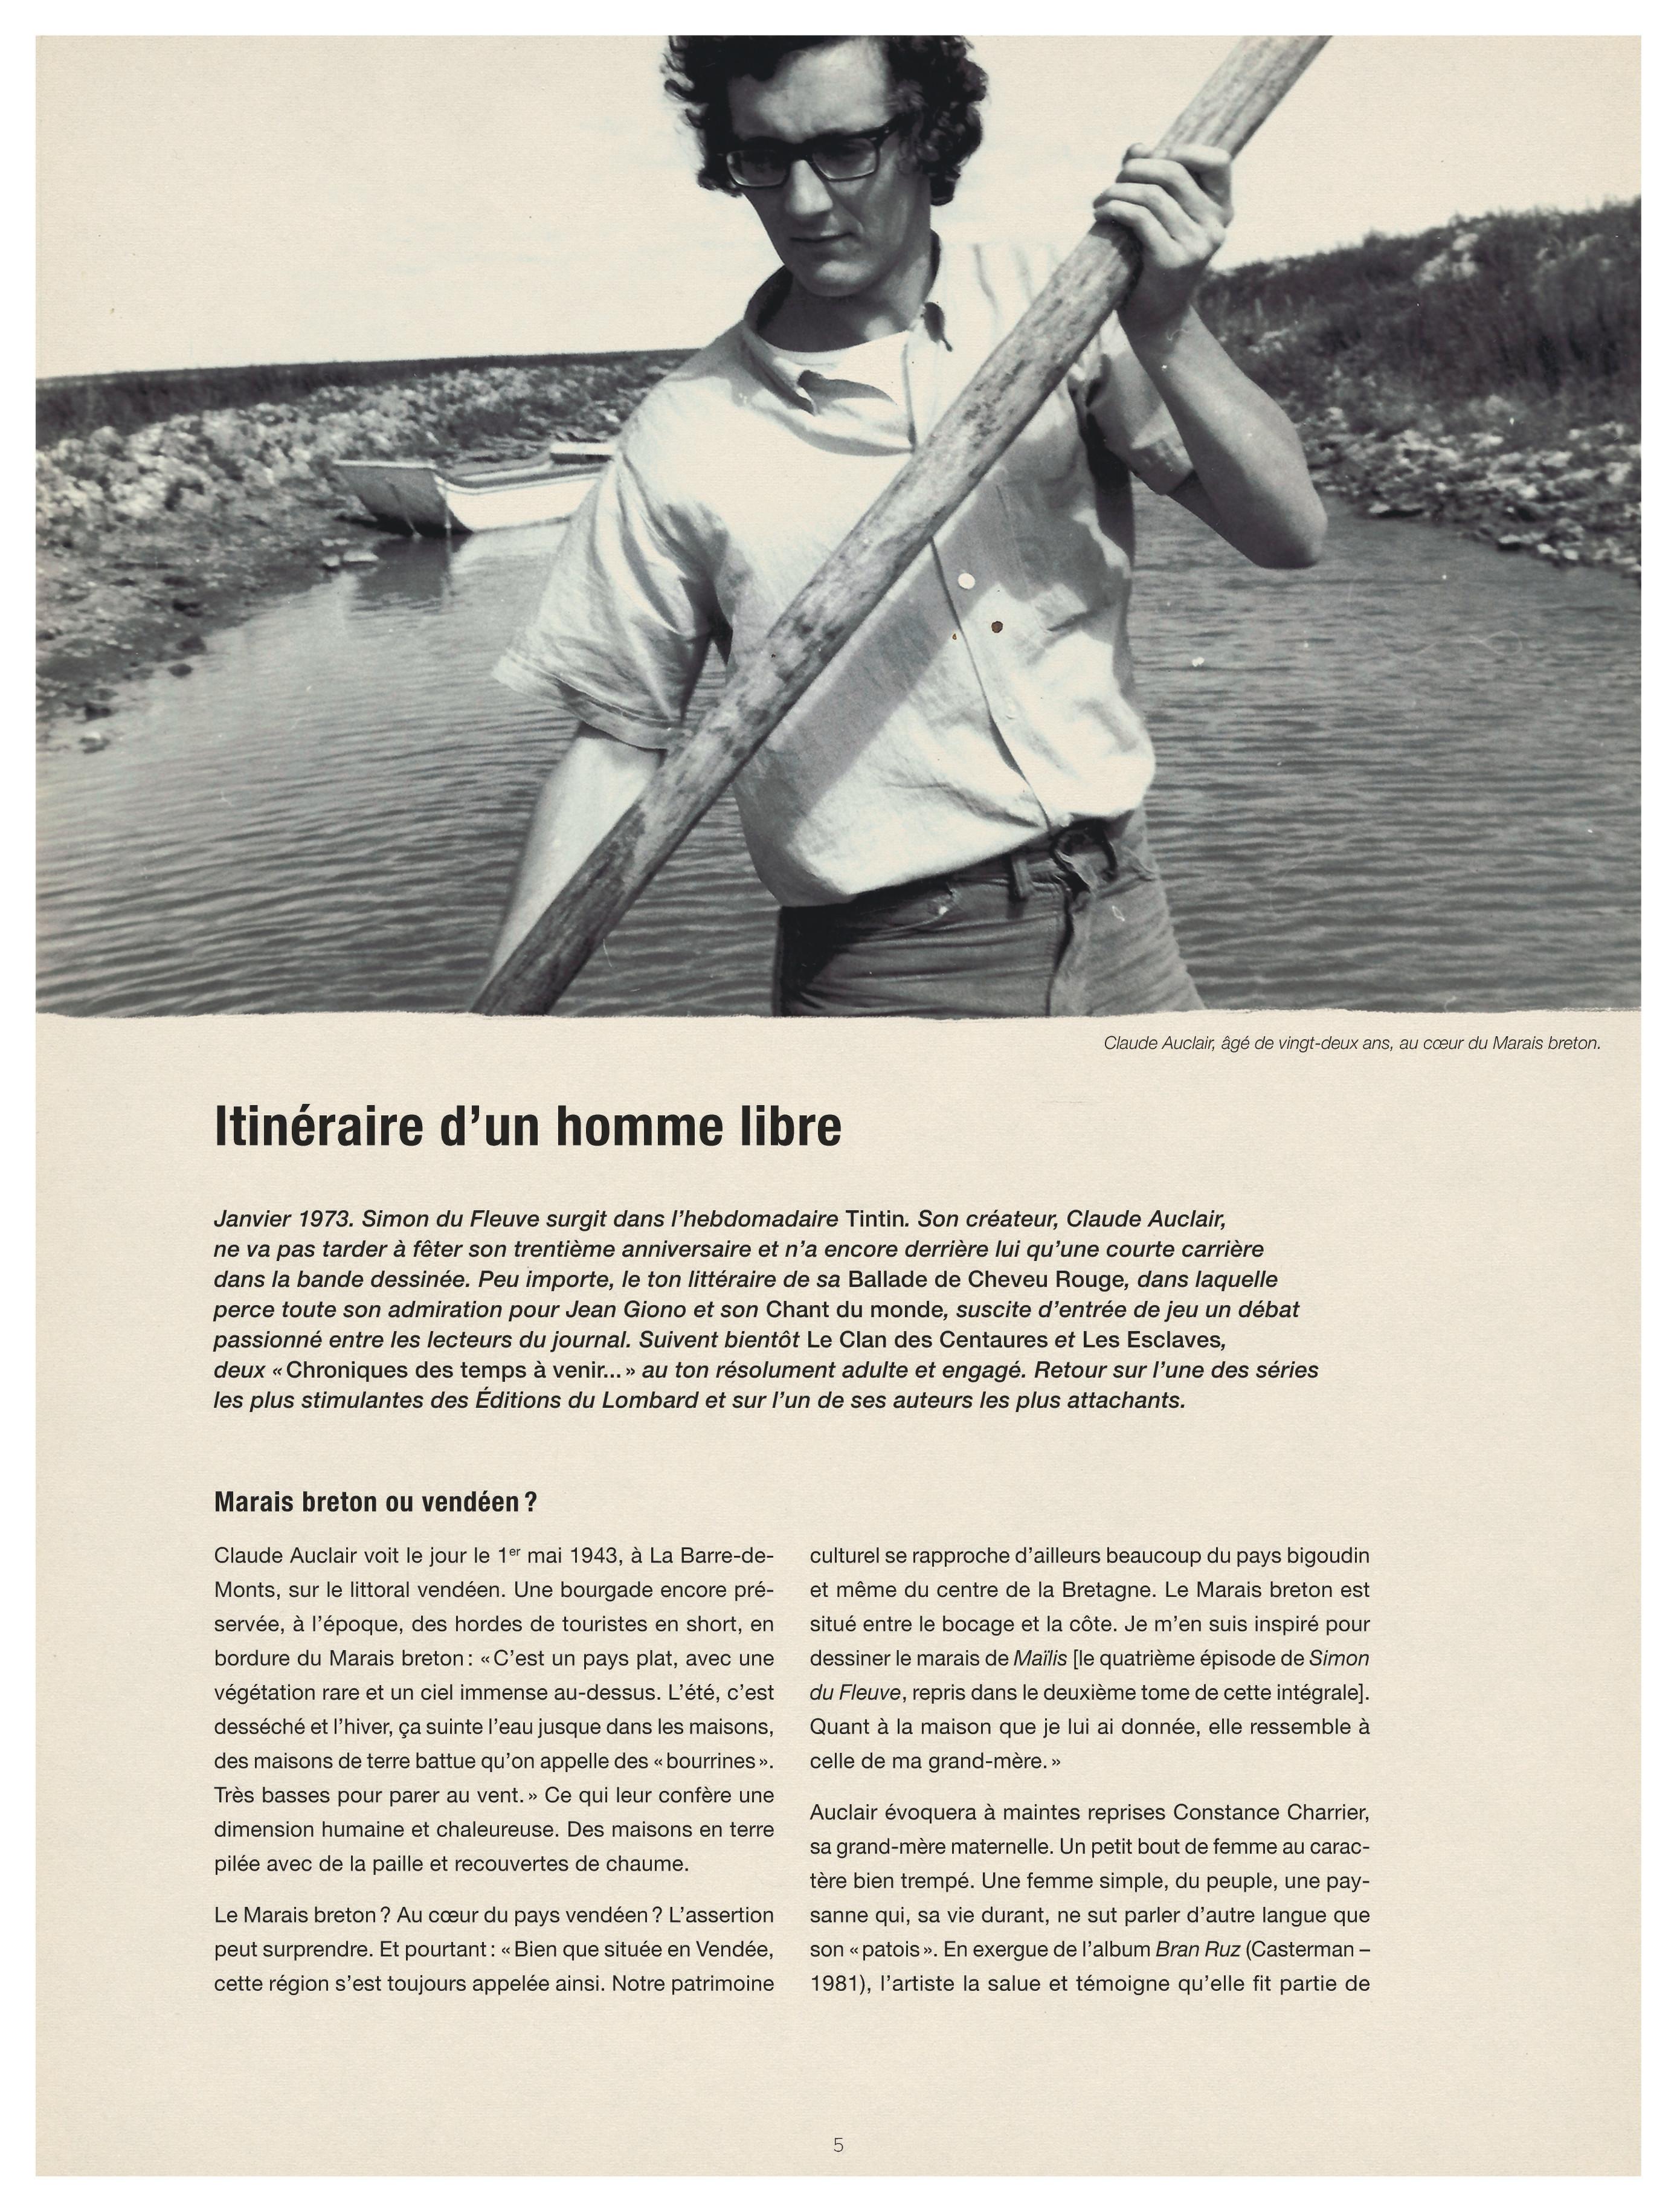 Simon_du_Fleuve_l_int#1_Page 5